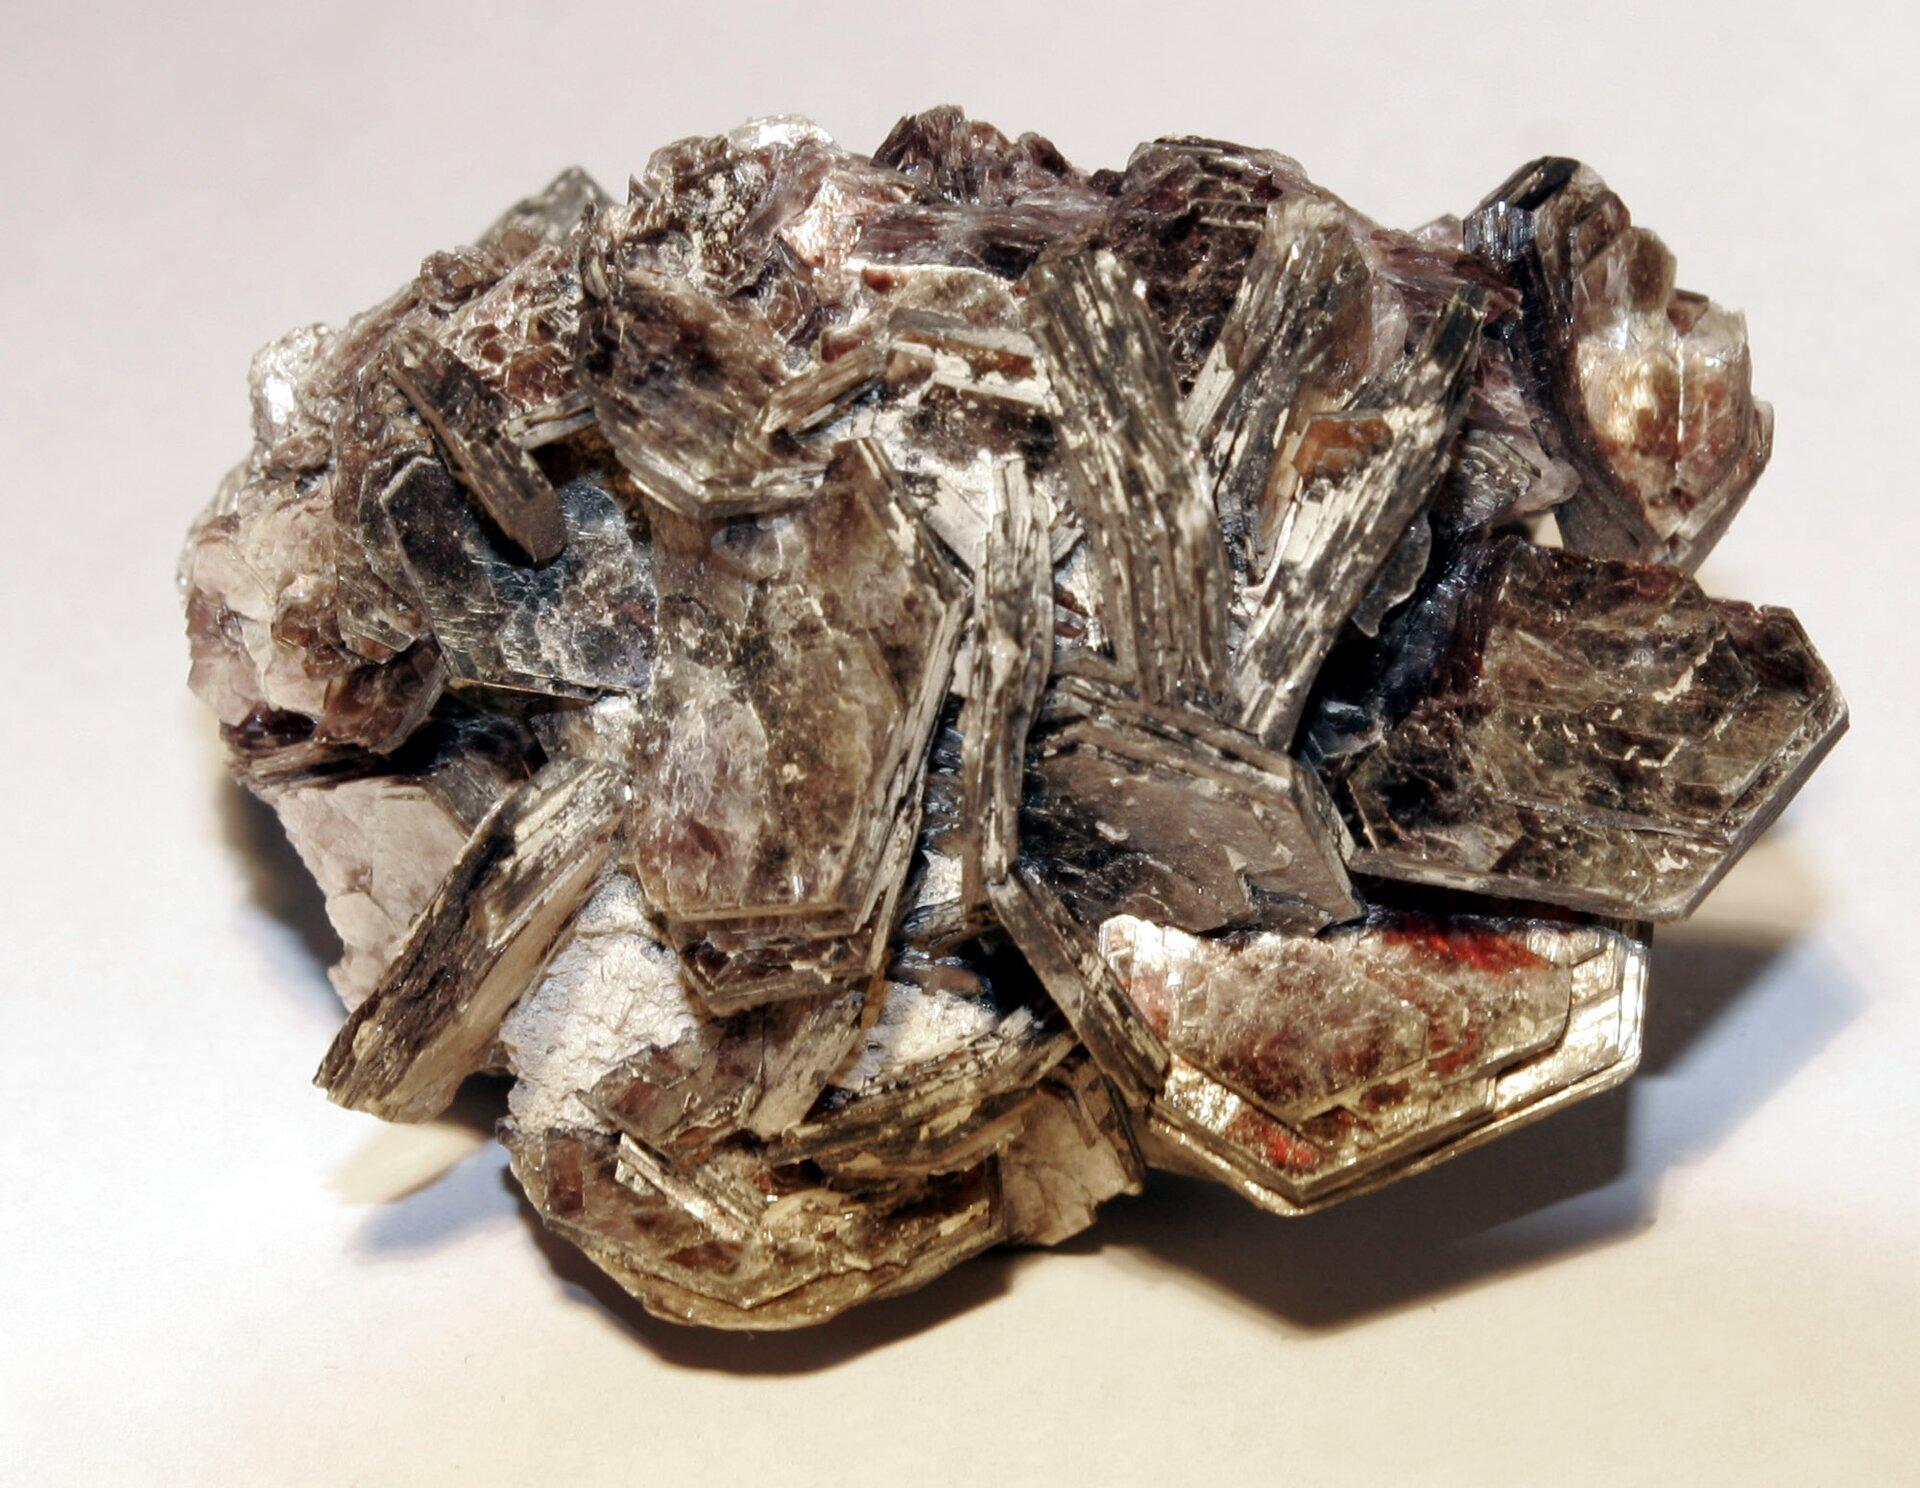 Na zdjęciu minerał. Jest to mika. Tabliczkowe kryształy oprzekroju sześciokąta. Tworzy blaszkowe zbite skupienia. Kolor brunatny, srebrzysty. Połyskuje.